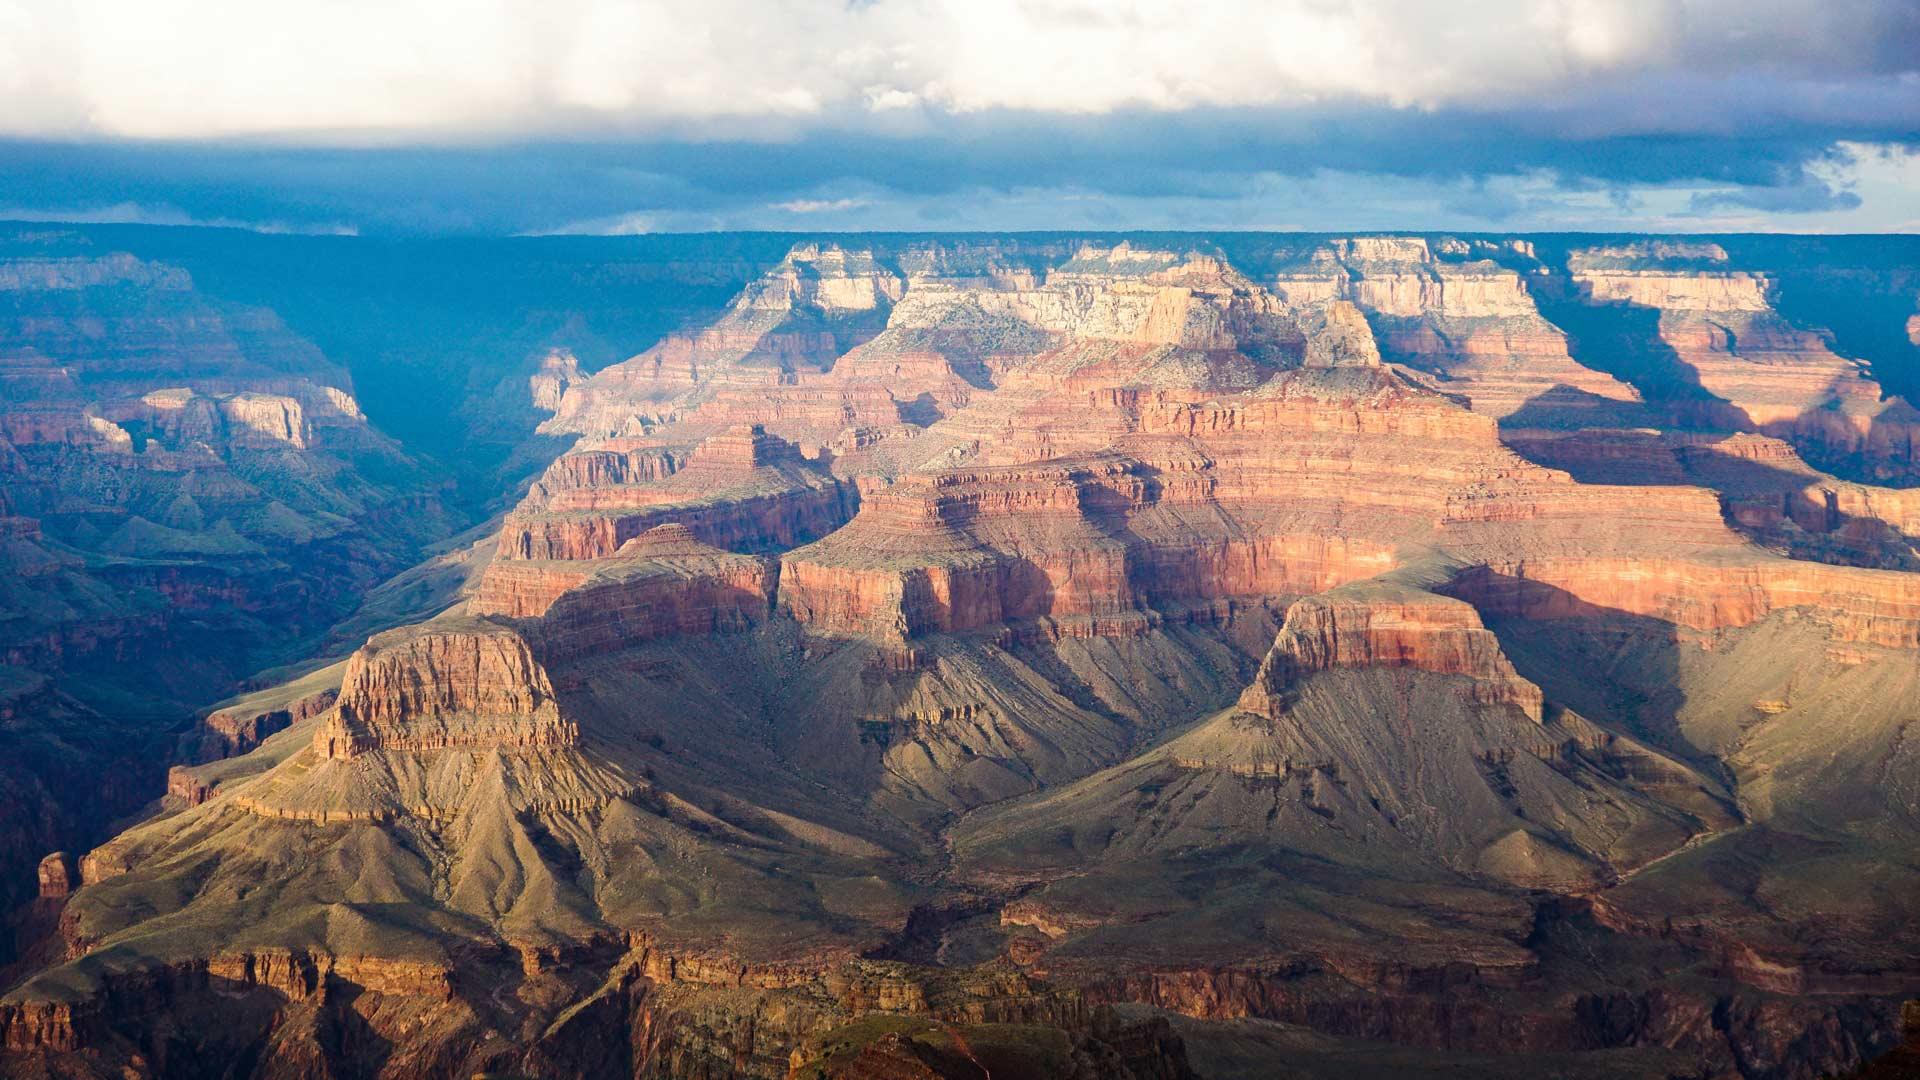 The Grand Canyon hero